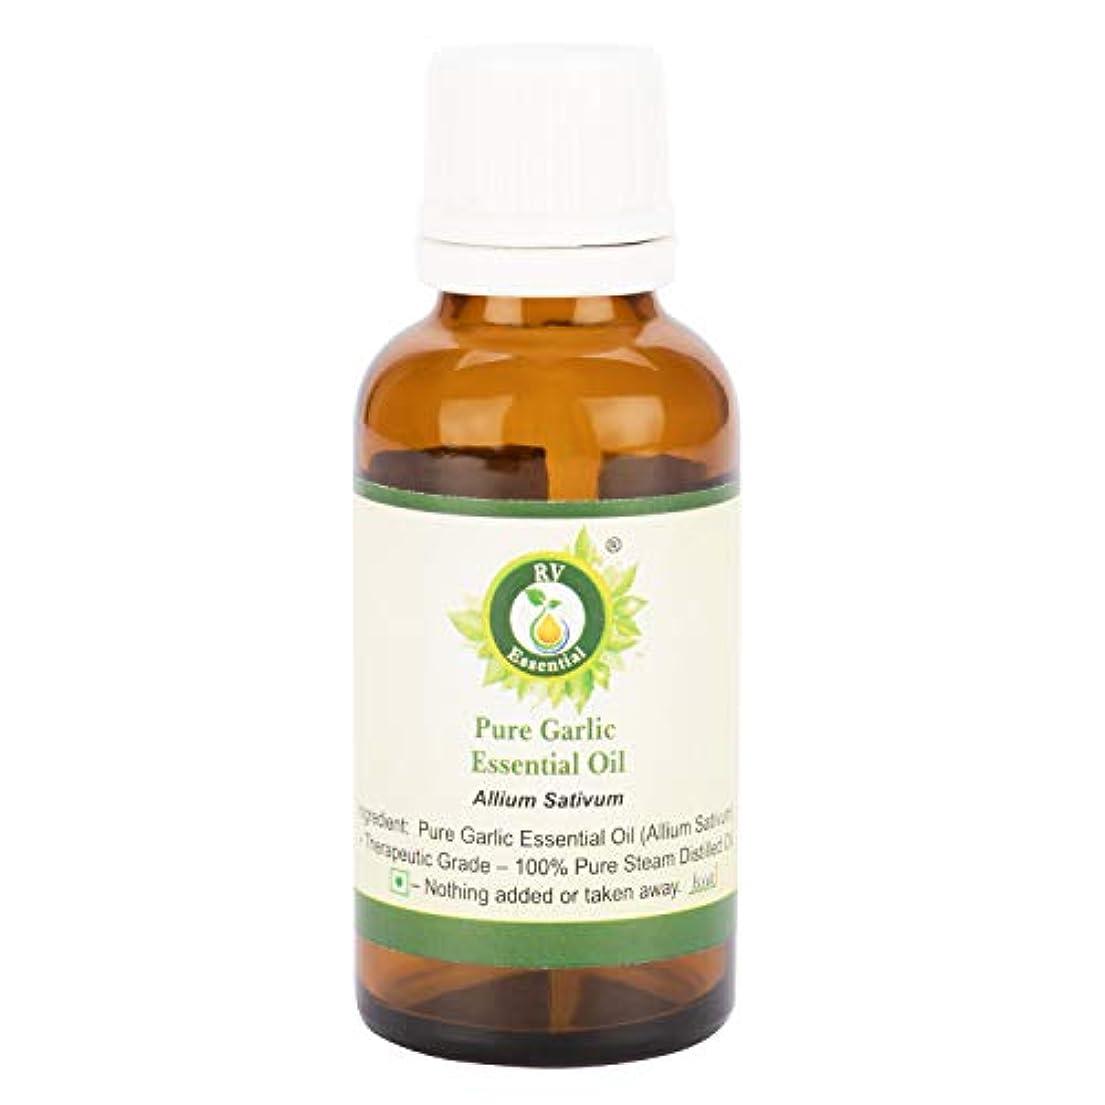 毎日フィラデルフィア算術ピュアニンニクエッセンシャルオイル100ml (3.38oz)- Allium Sativum (100%純粋&天然スチームDistilled) Pure Garlic Essential Oil